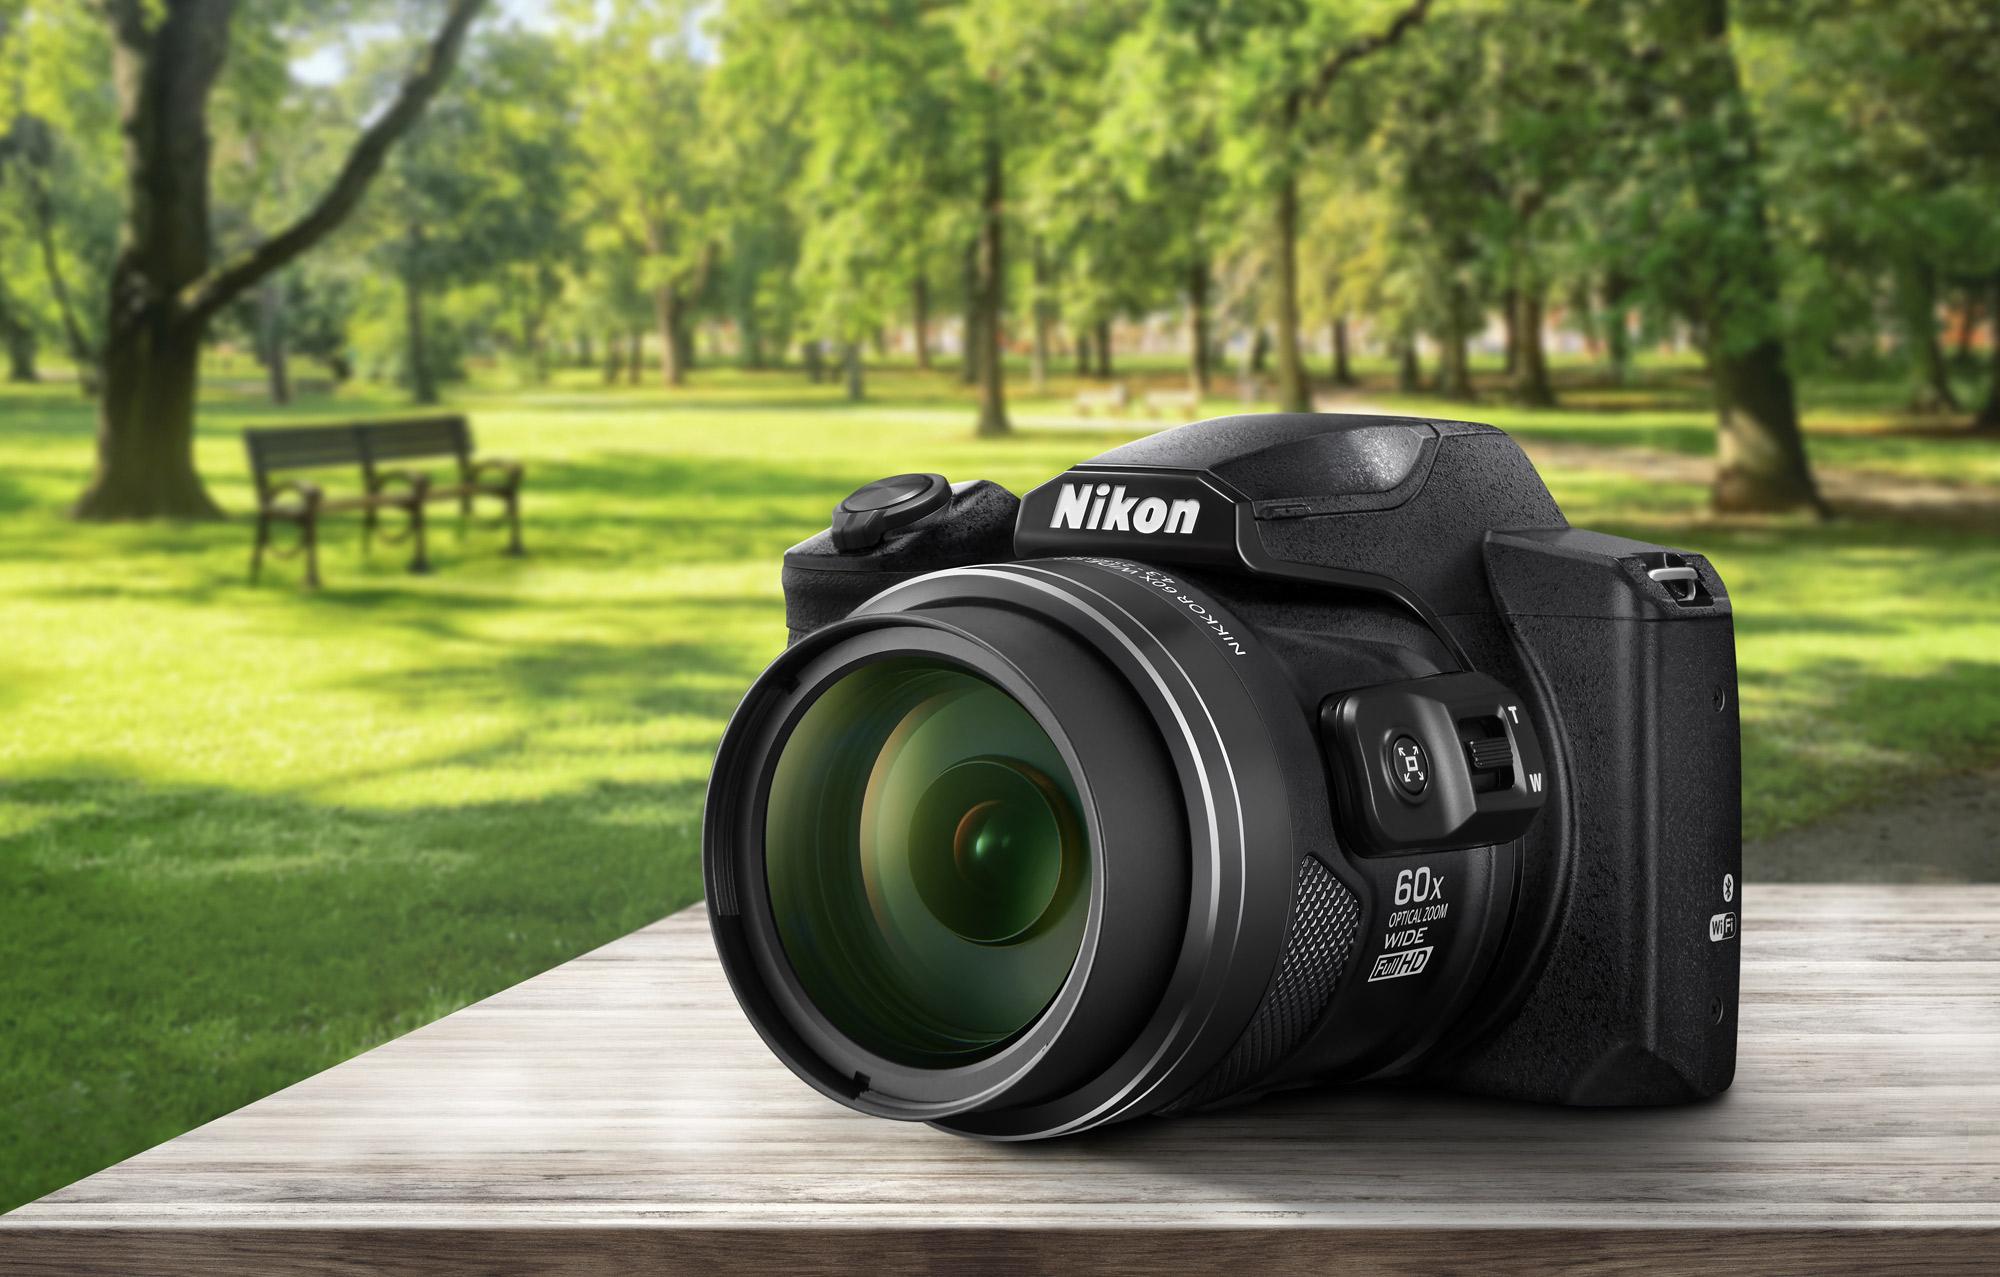 Le Coolpix B600 est l'alternative abordable pour les photographes amateurs qui veulent aller plus loin que la caméra de leur téléphone intelligent